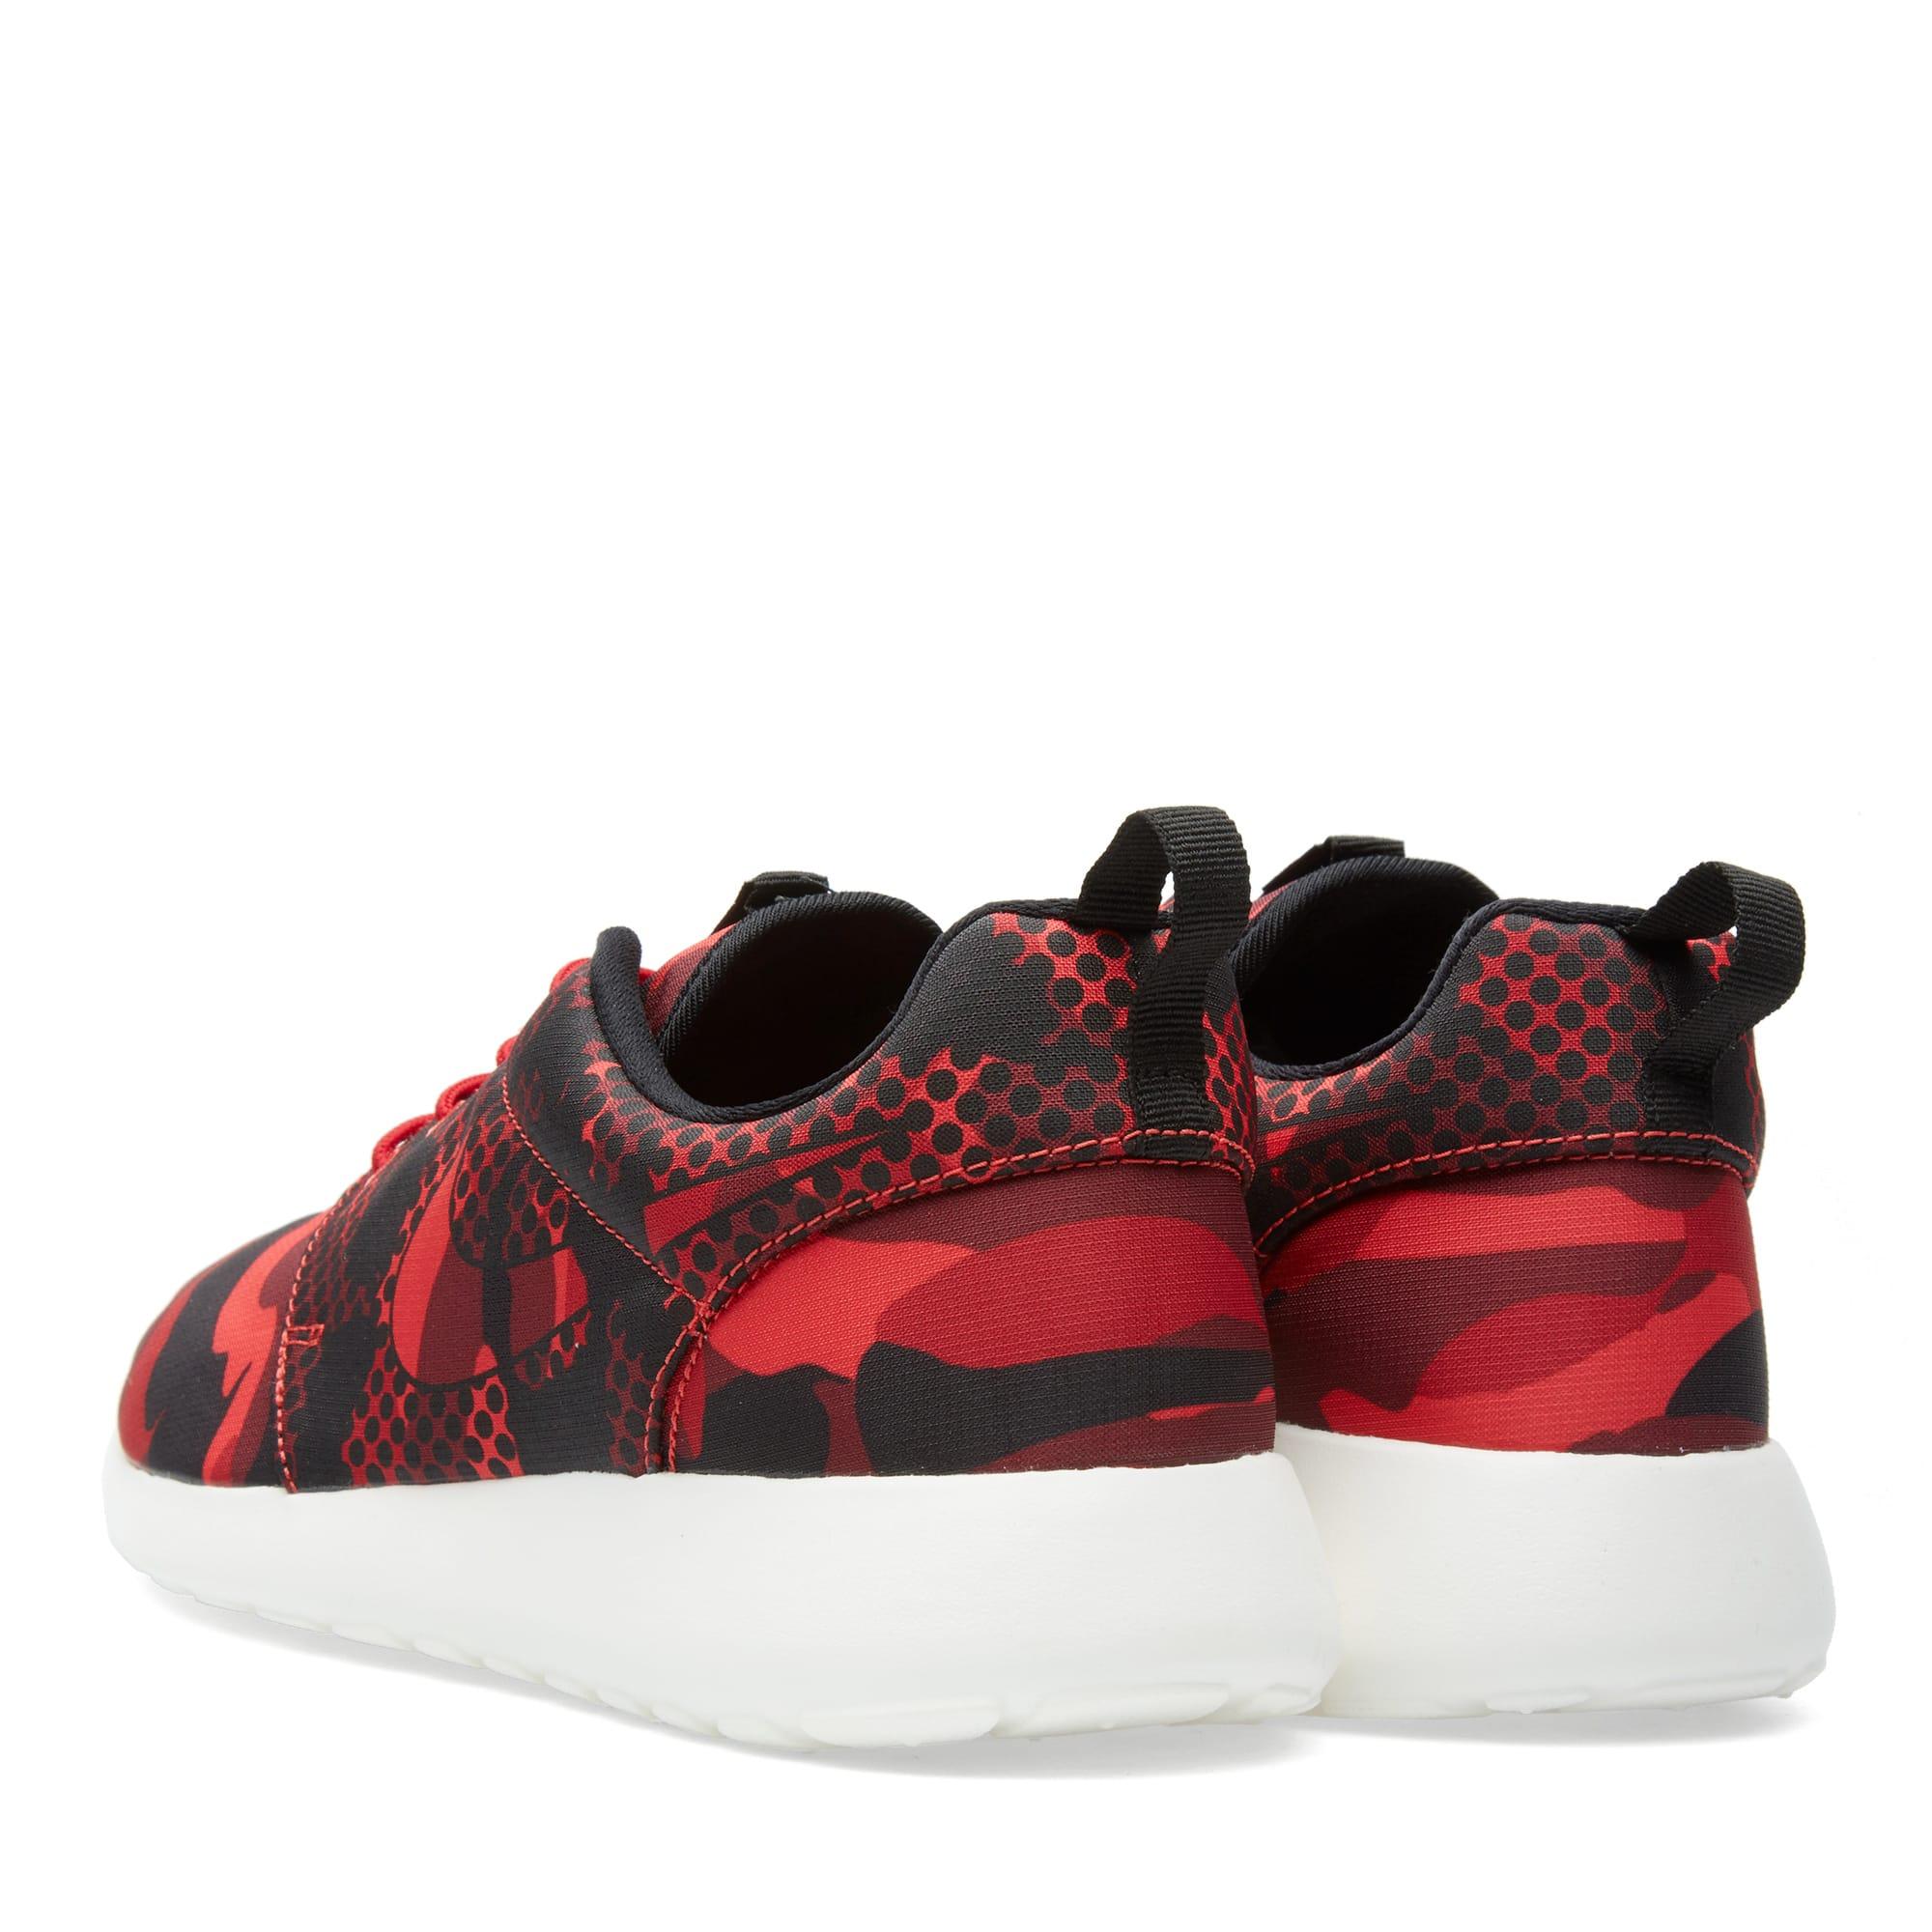 new styles bc003 06834 Nike Roshe One Print